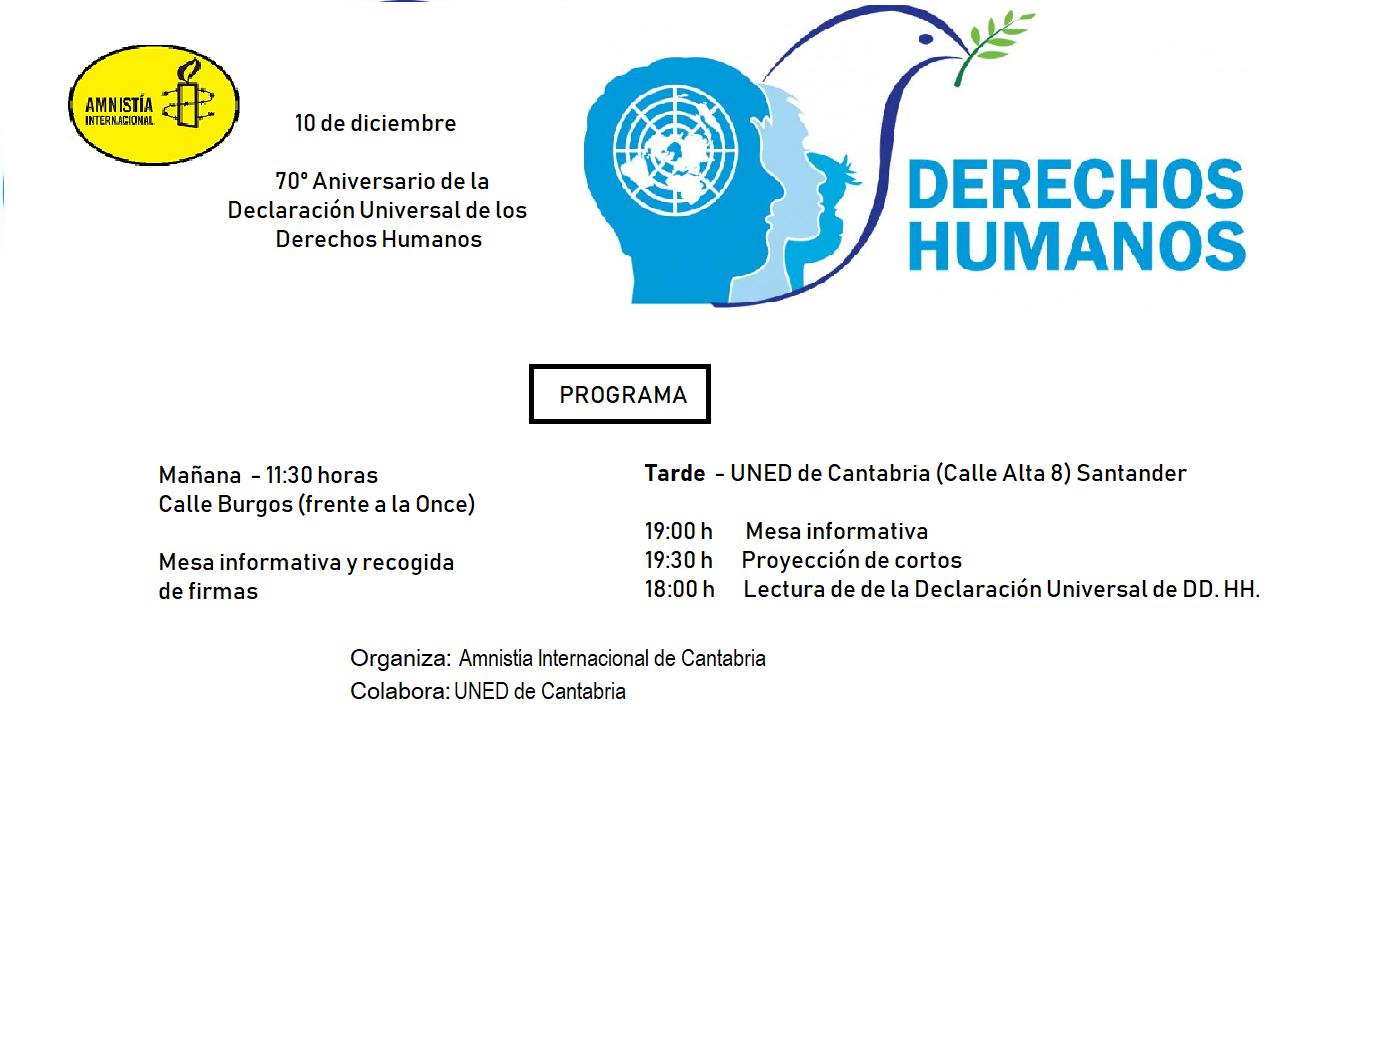 10 de diciembre- 70 Aniversario de la Declaración Universal de los Derechos Humanos